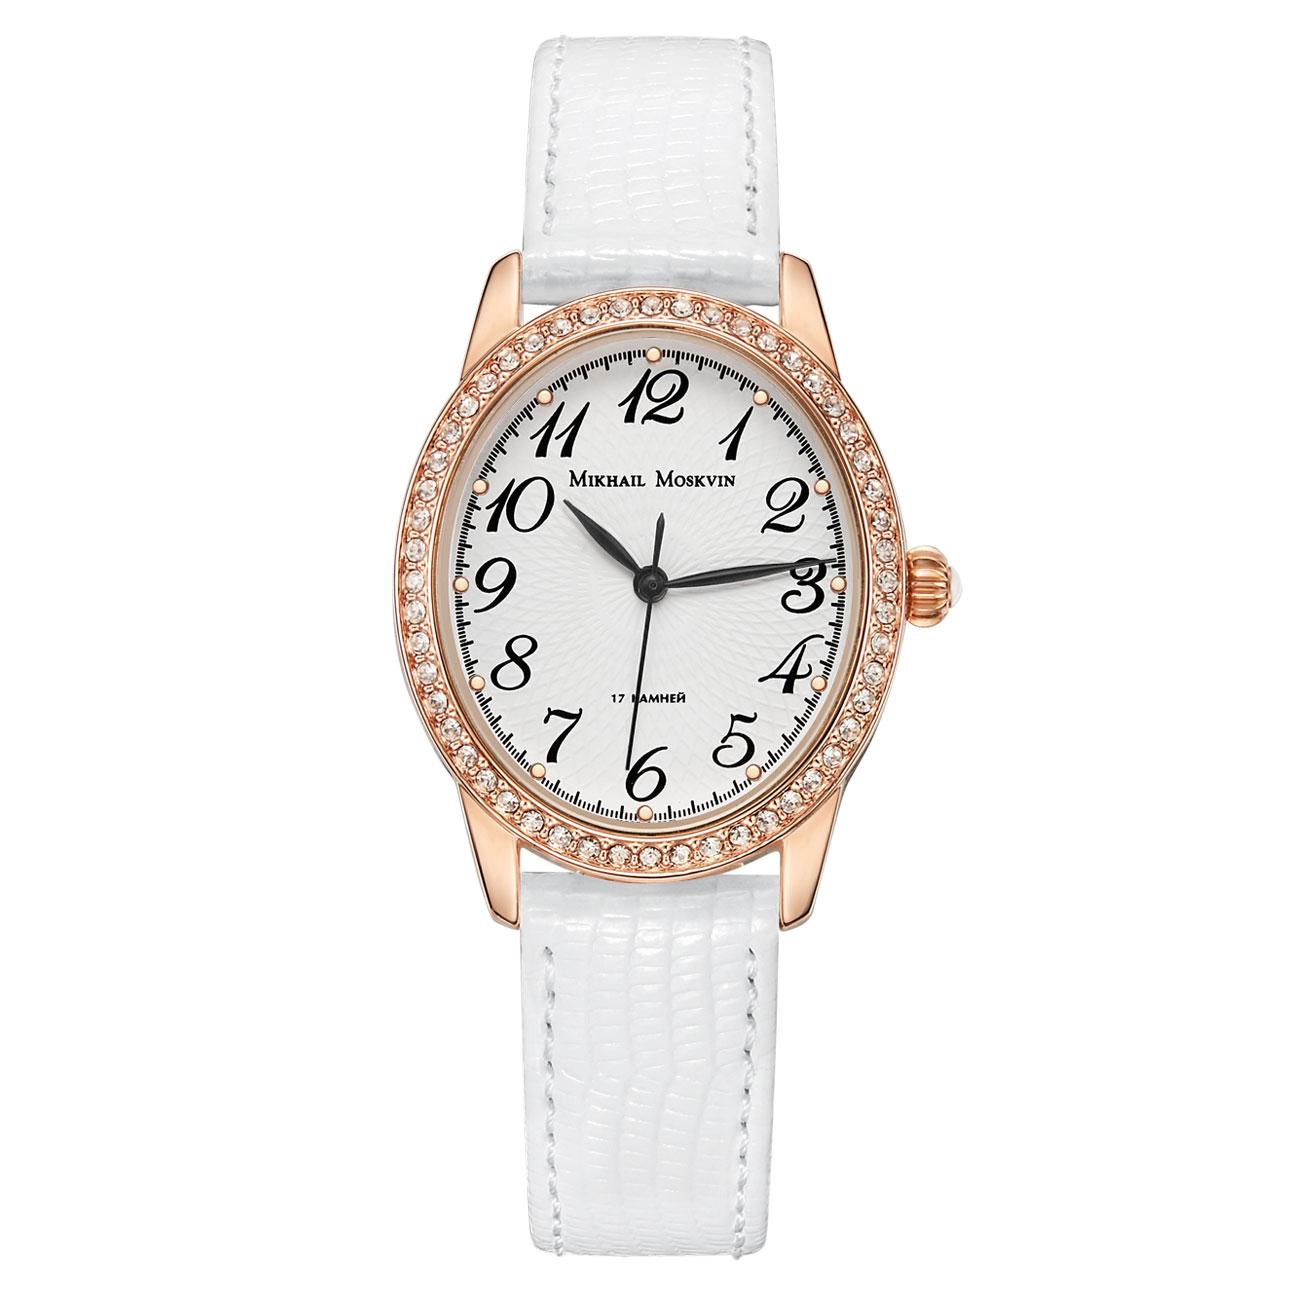 Часы Mikhail Moskvin 569-8-6